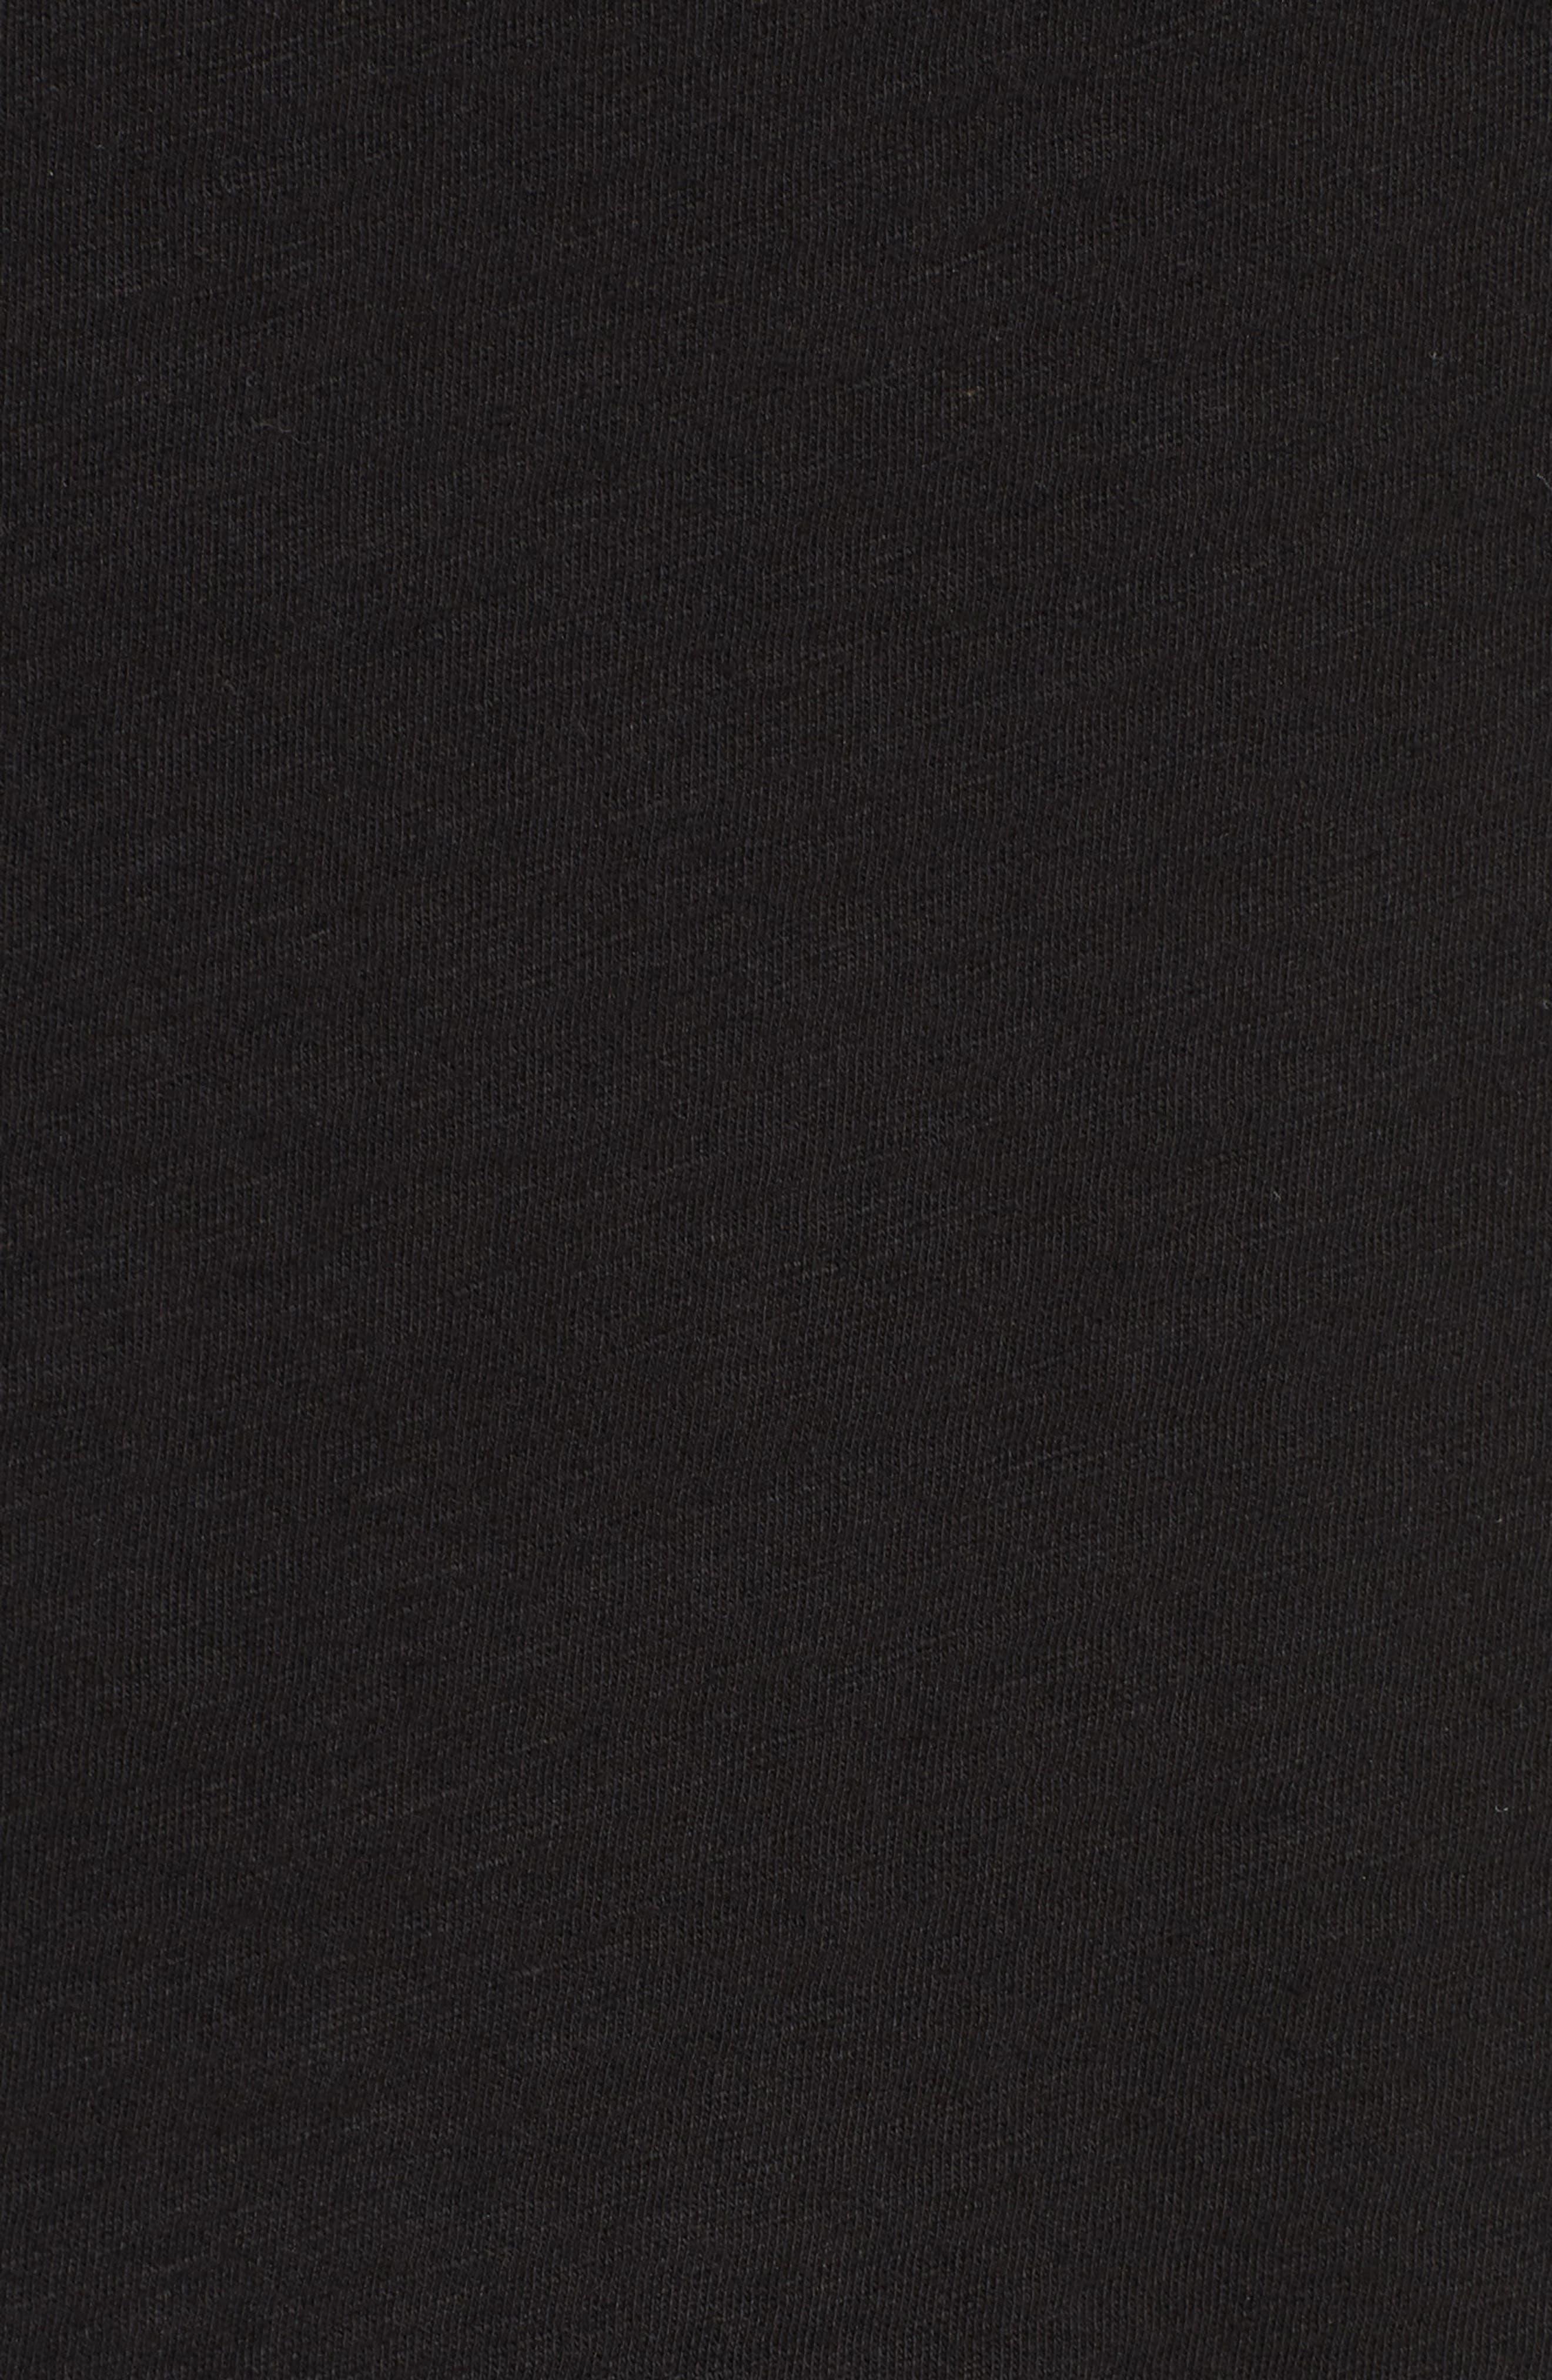 Olive Tank,                             Alternate thumbnail 6, color,                             BLACK CAT